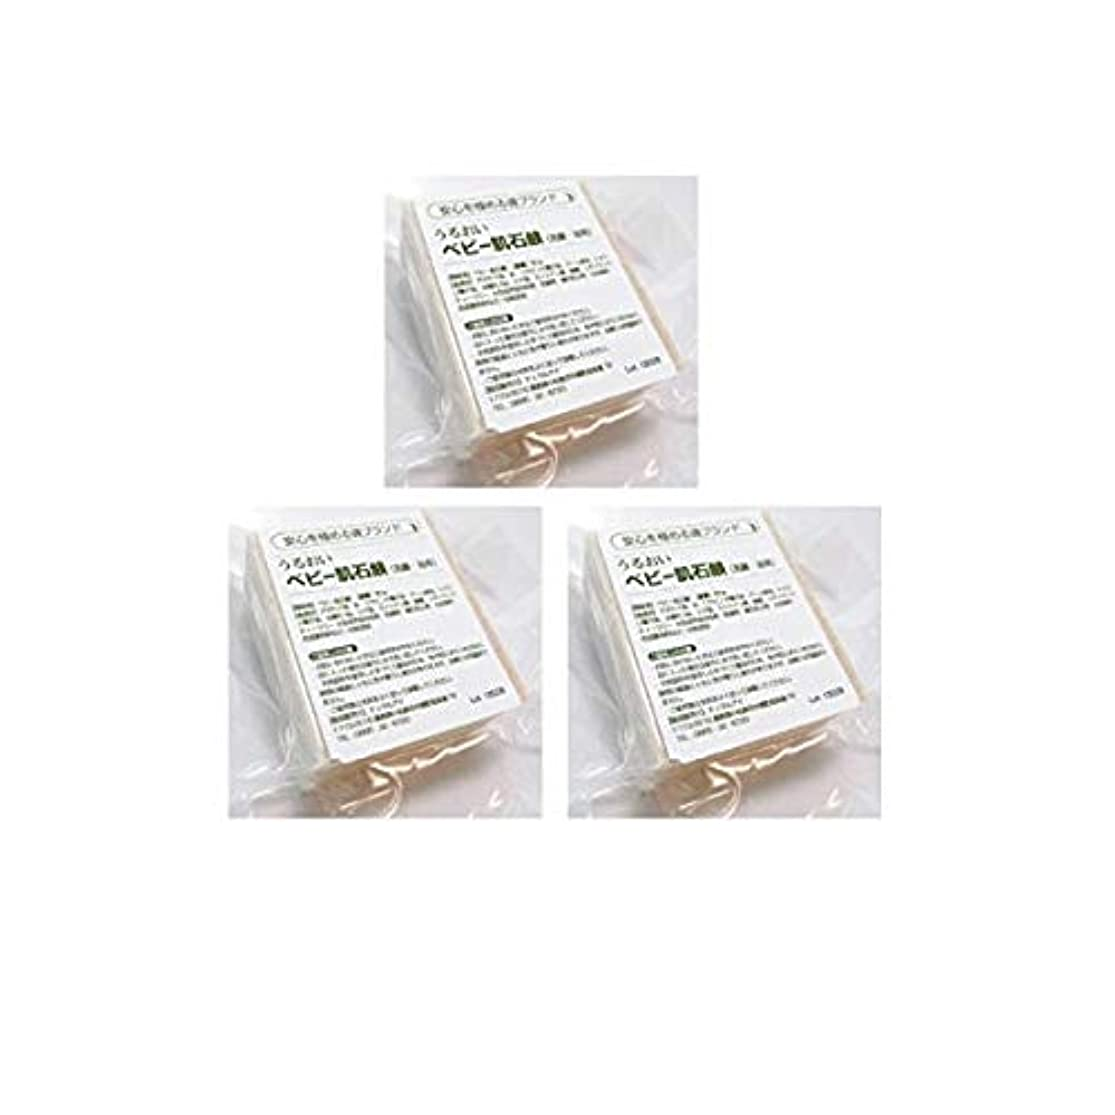 南西に慣れ外交アボカド石鹸 うるおいベビー肌石鹸3個セット(80g×3個)アボカドオイル50%配合の完全無添加石鹸